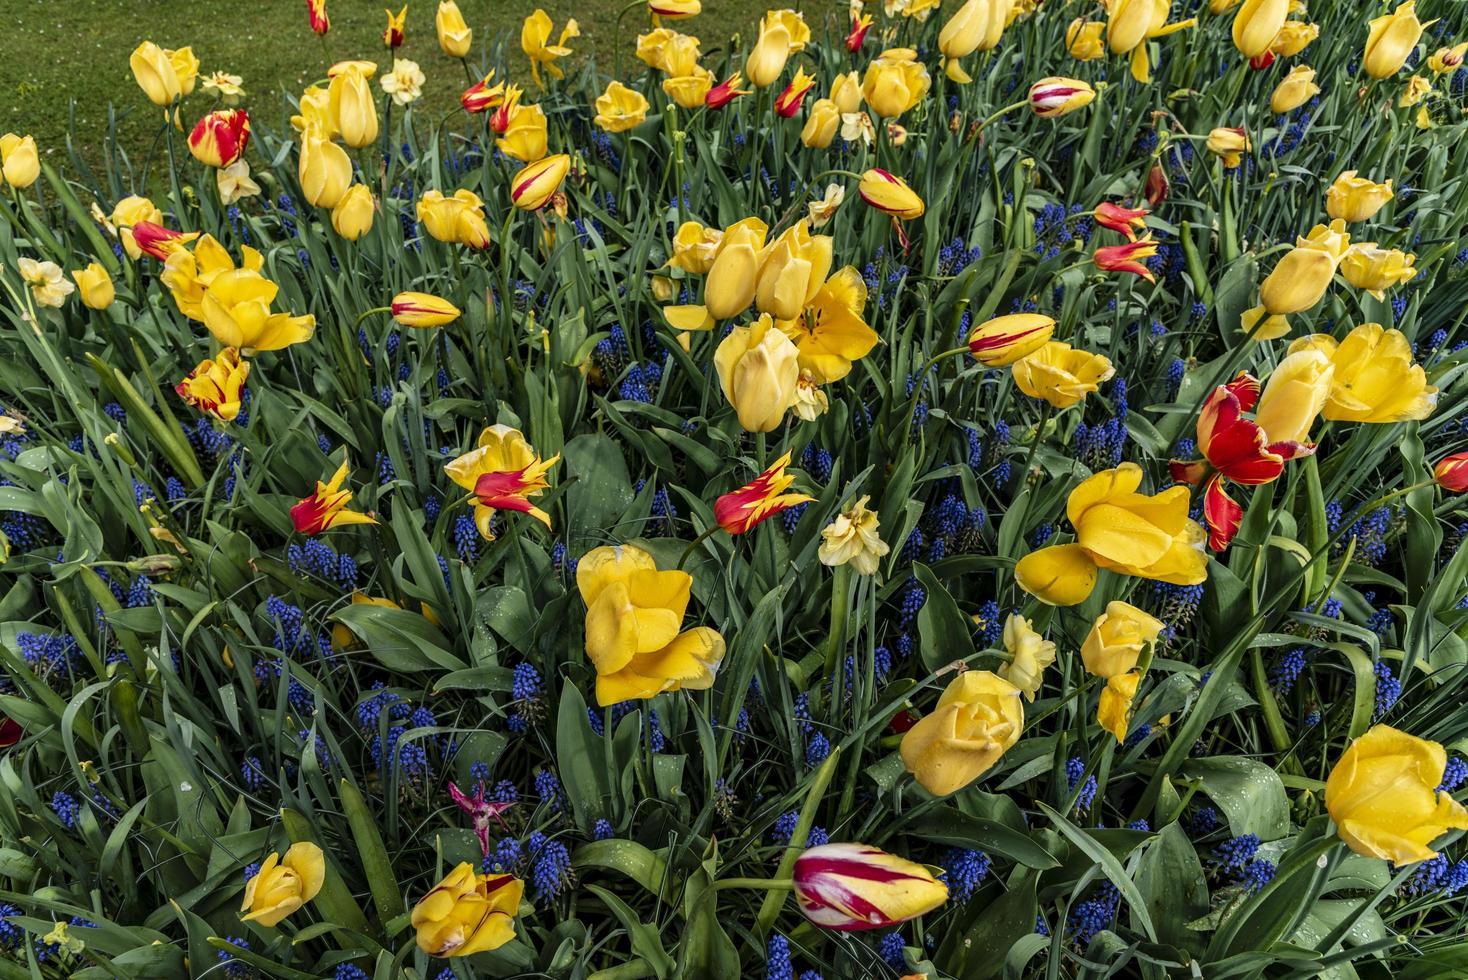 gula, röda och blå iris i ett fält foto